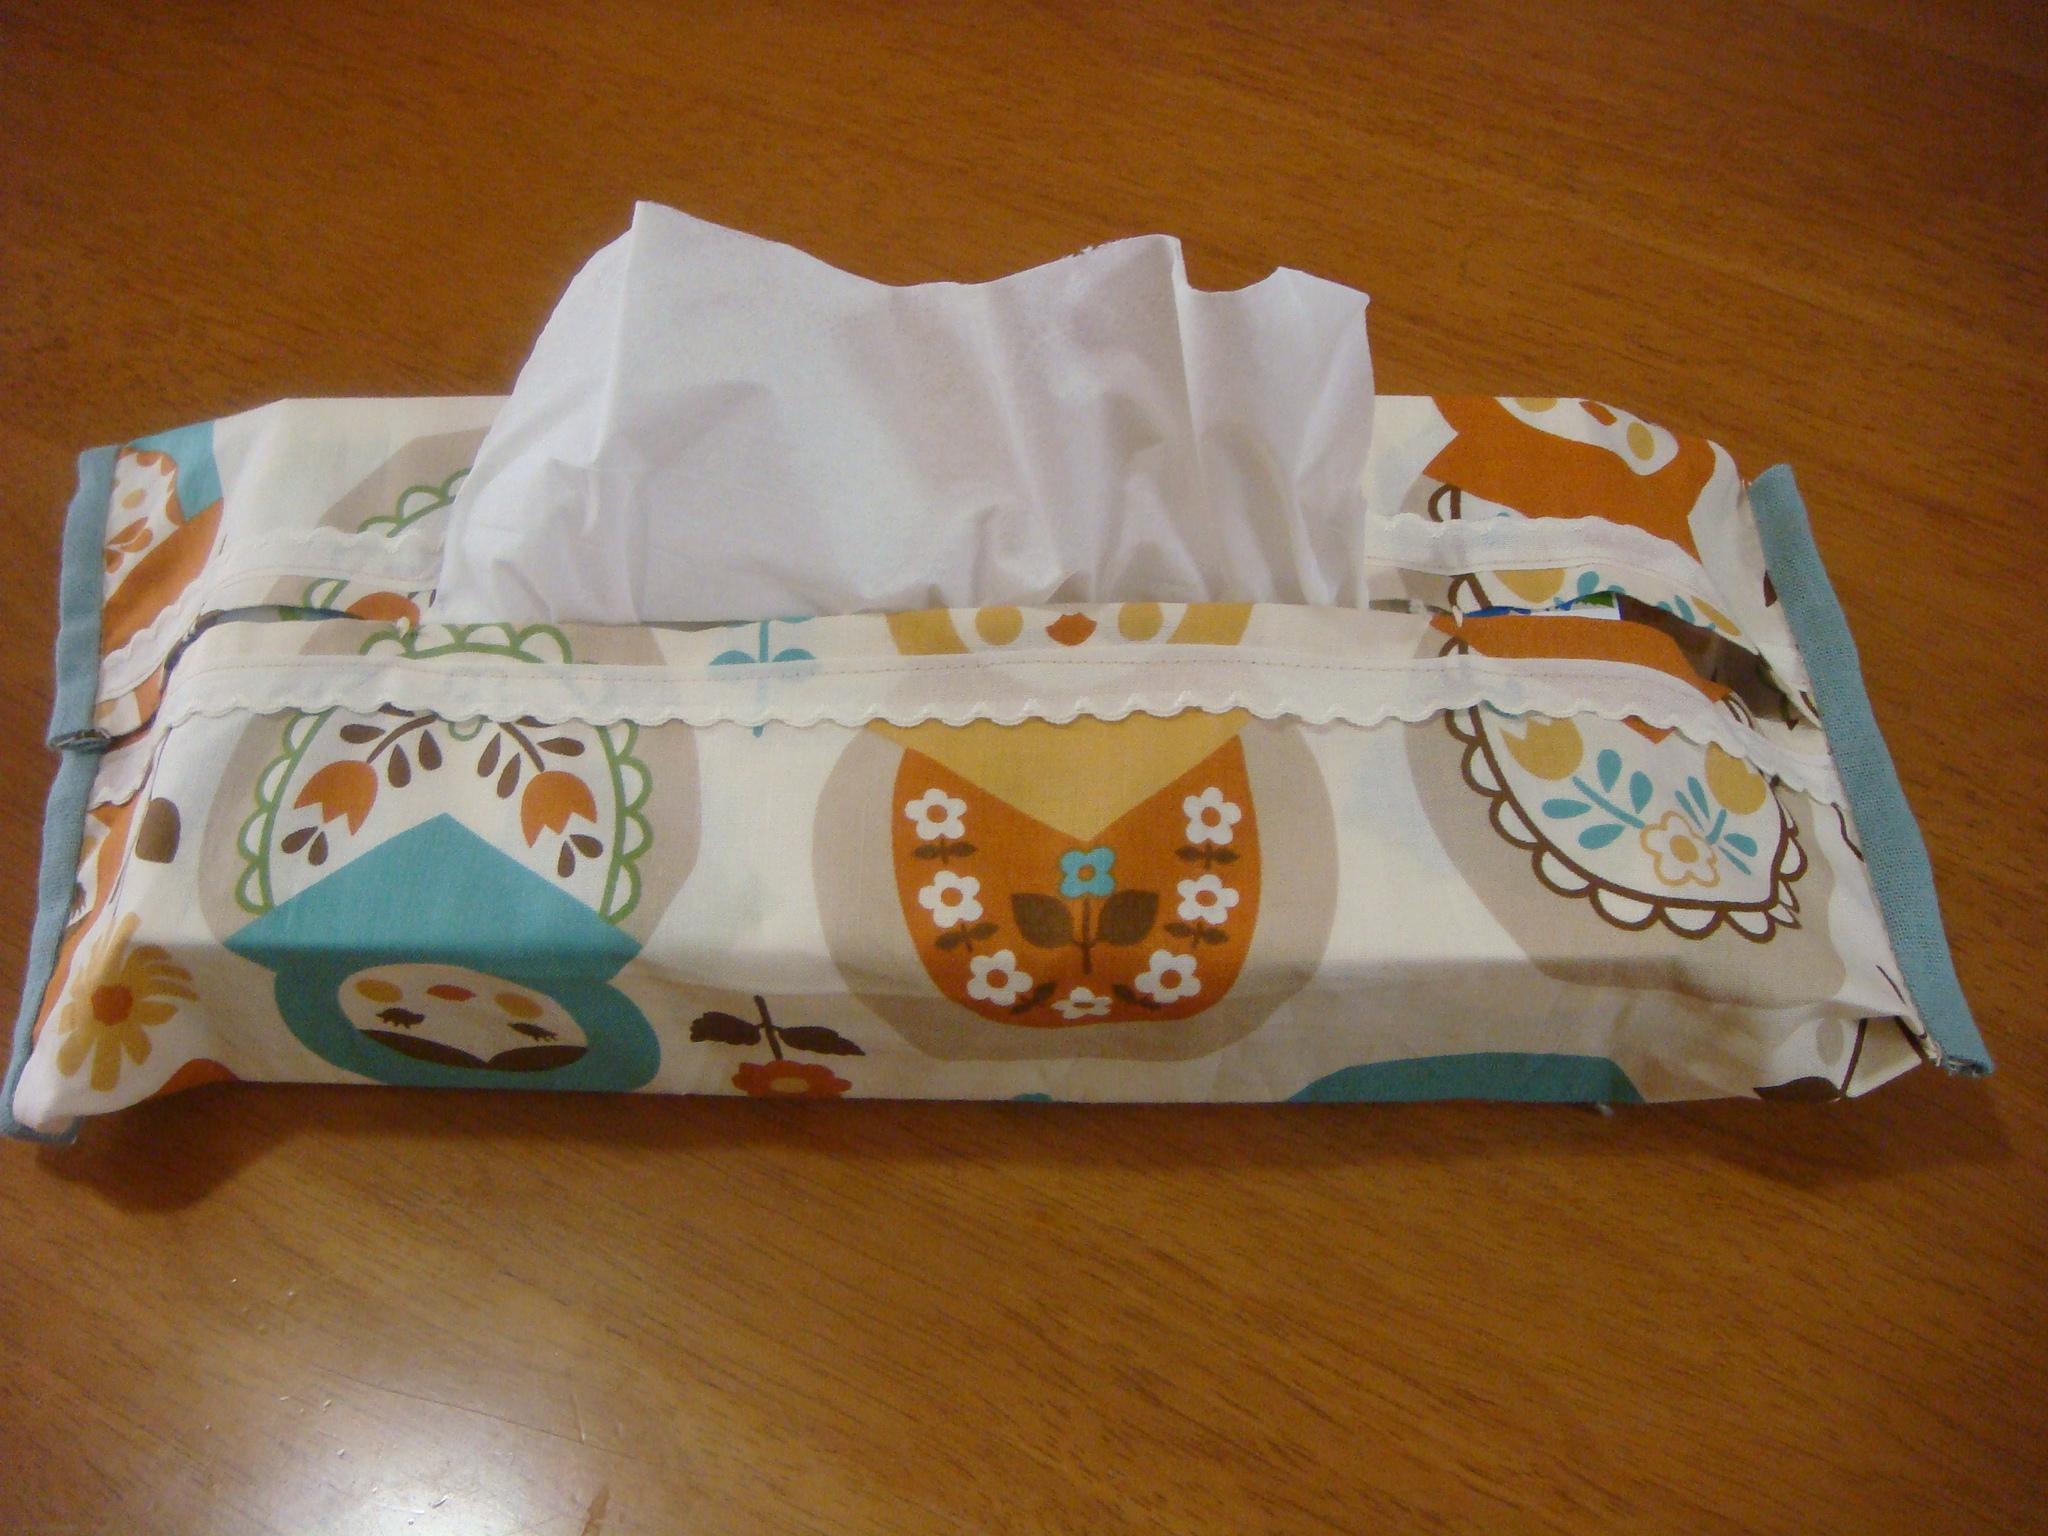 カバー ティッシュ 布 作り方 ボックス ハーフティッシュボックスの作り方(手作り)